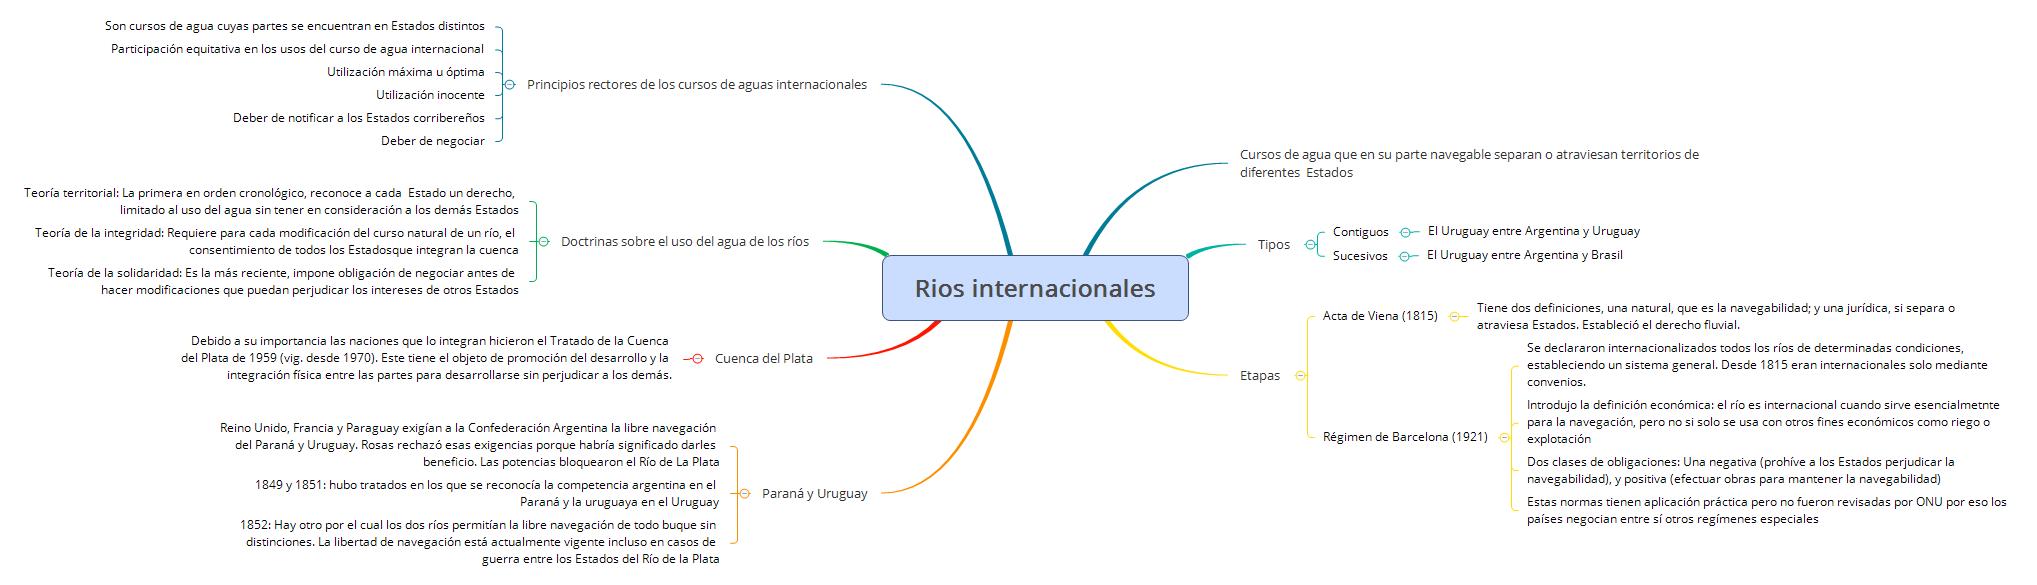 Rios internacionales